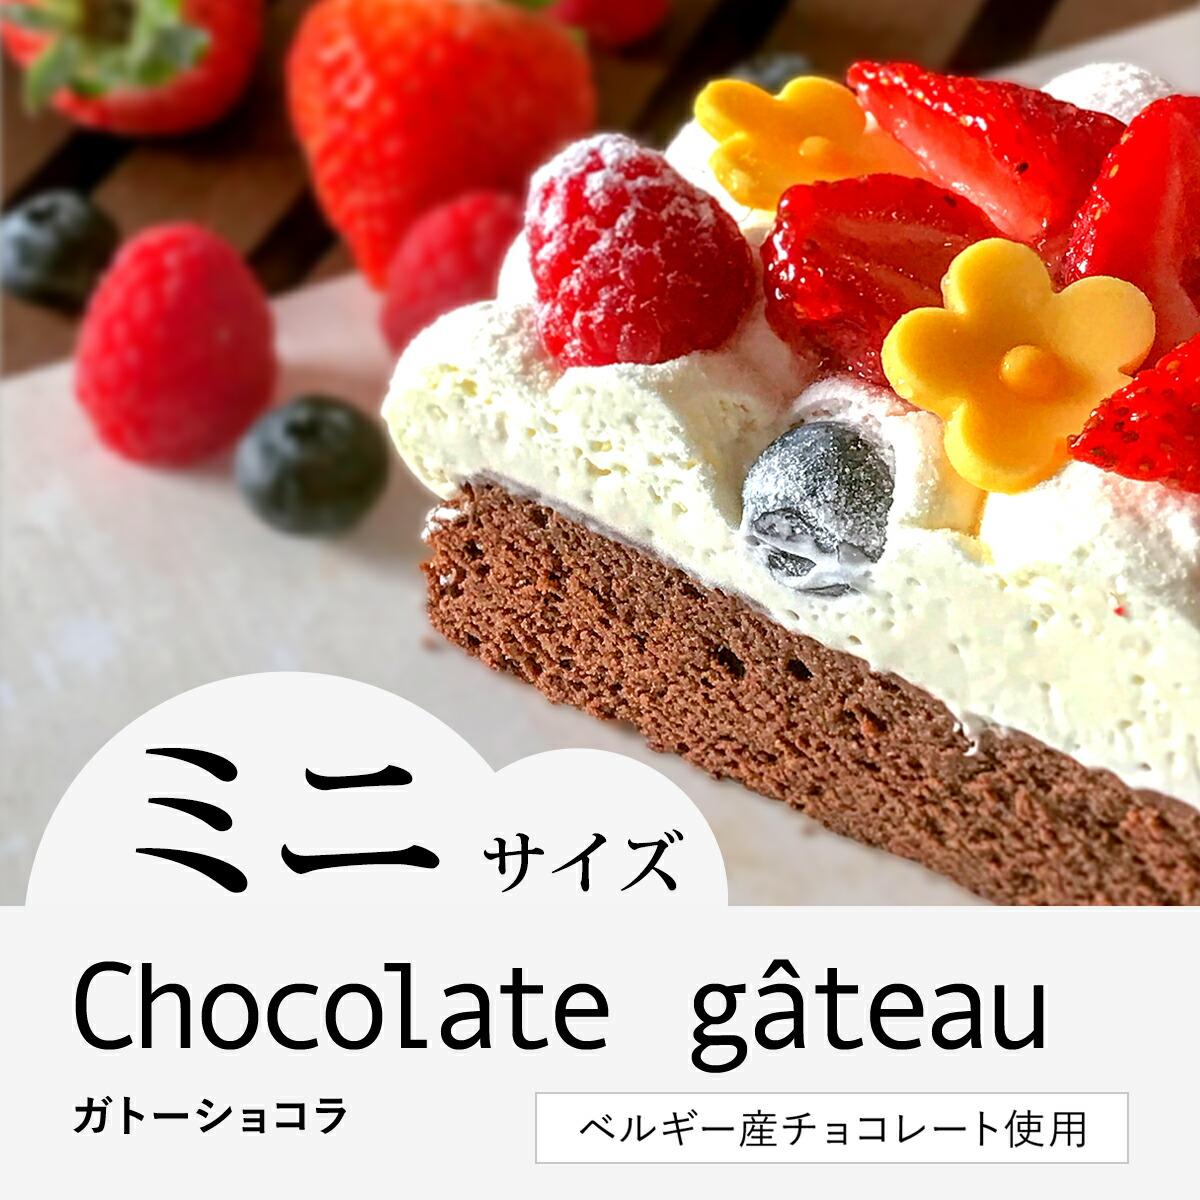 デコレーション ガトー ショコラ